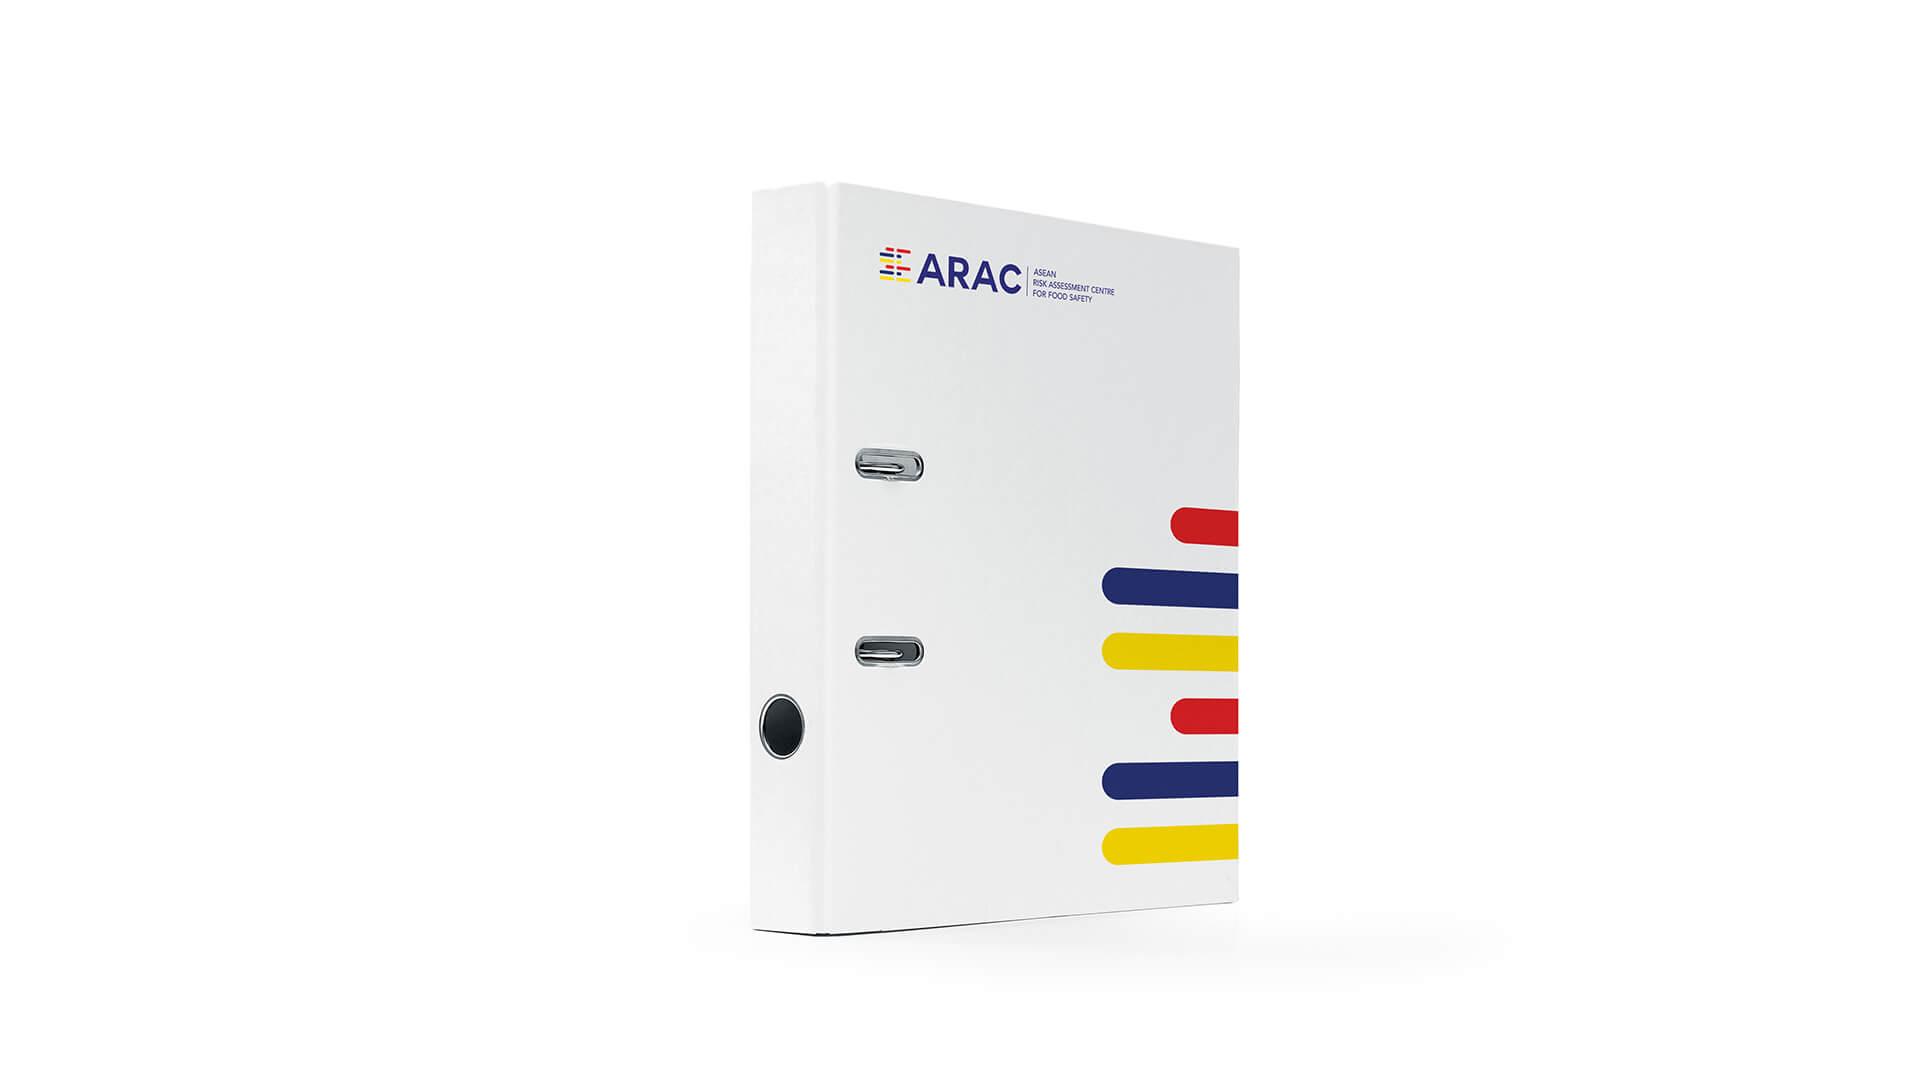 ARAC_5